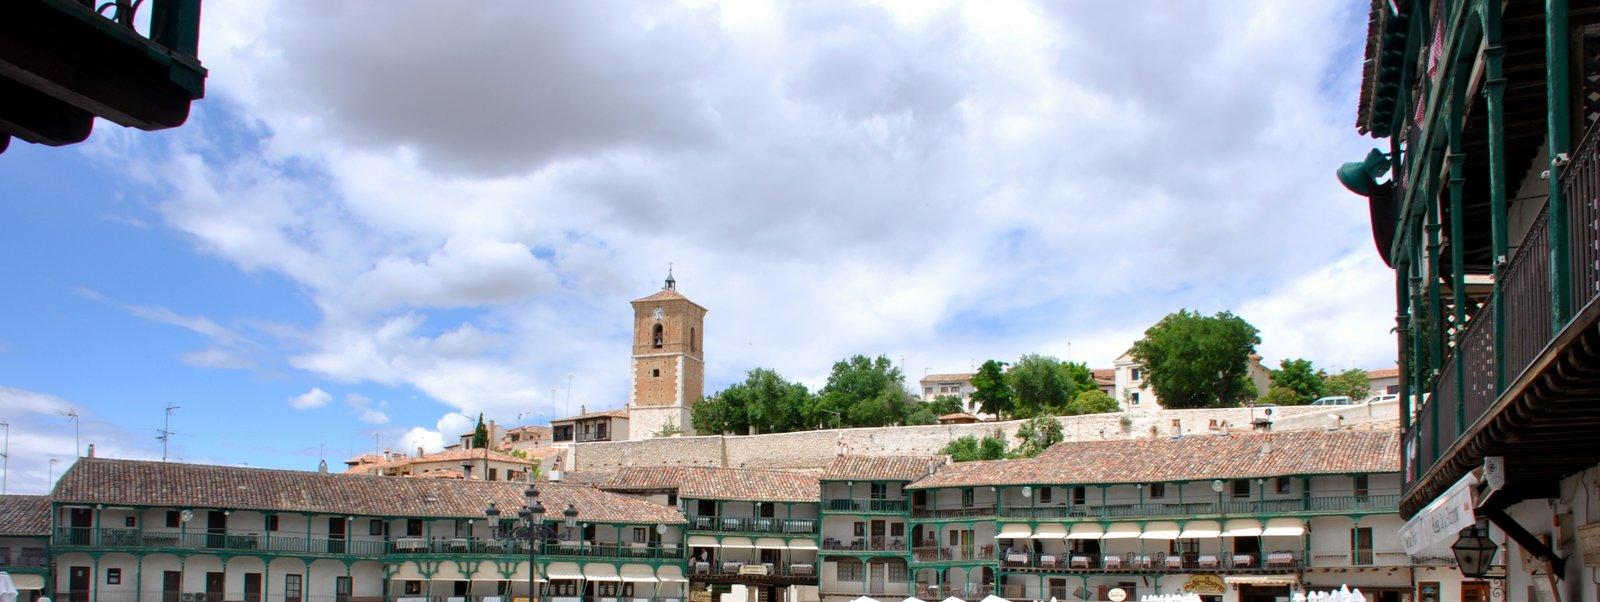 Vista de la Torre del Reloj